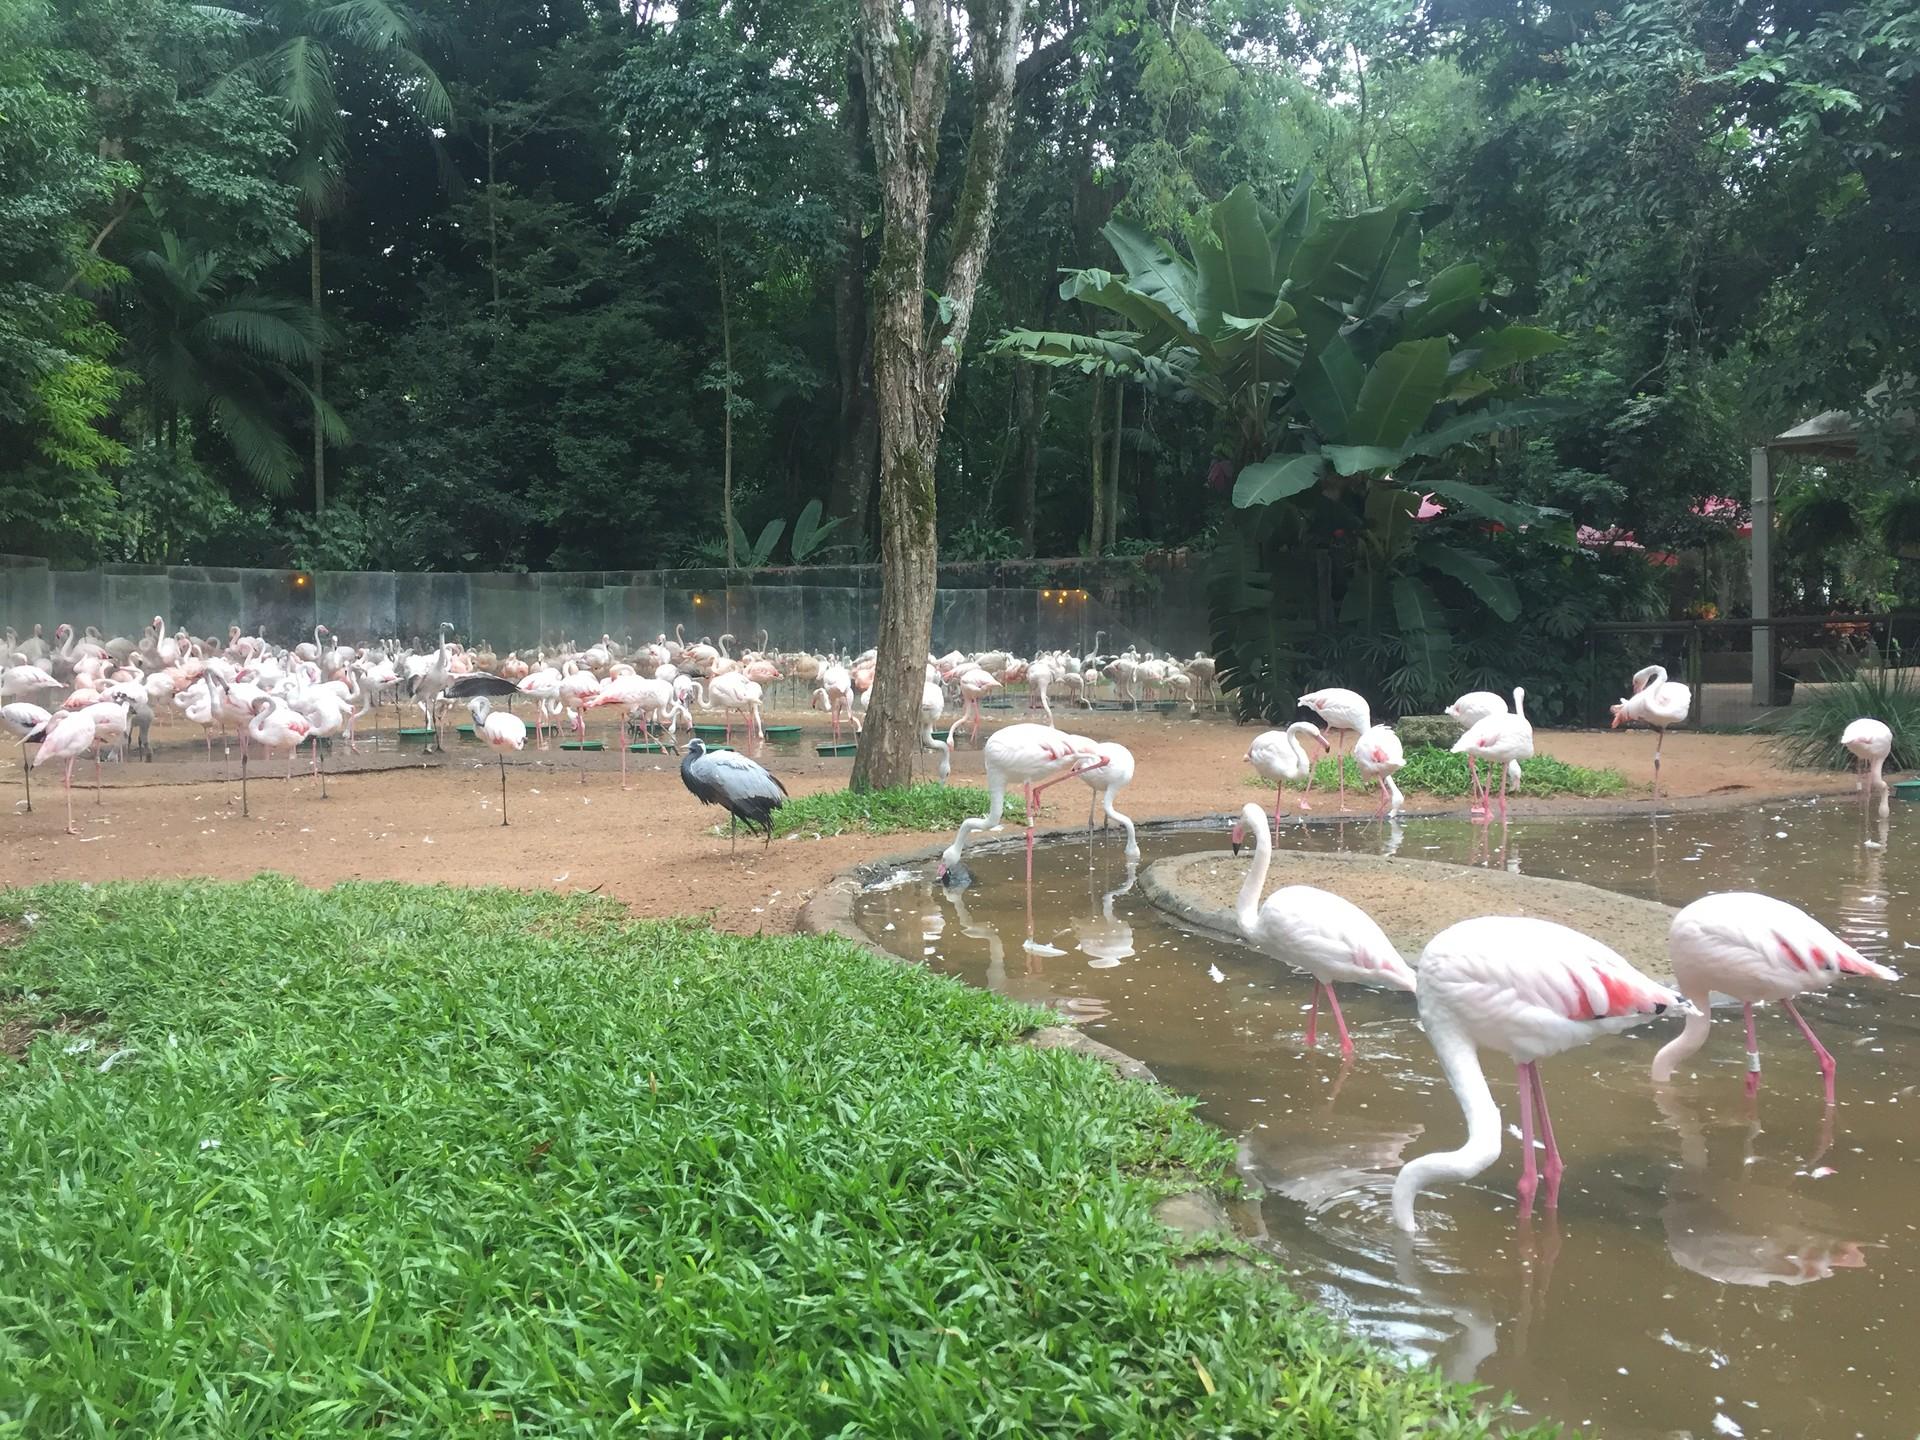 parque-aves-5ebca1e45e5d8115c66909551de5